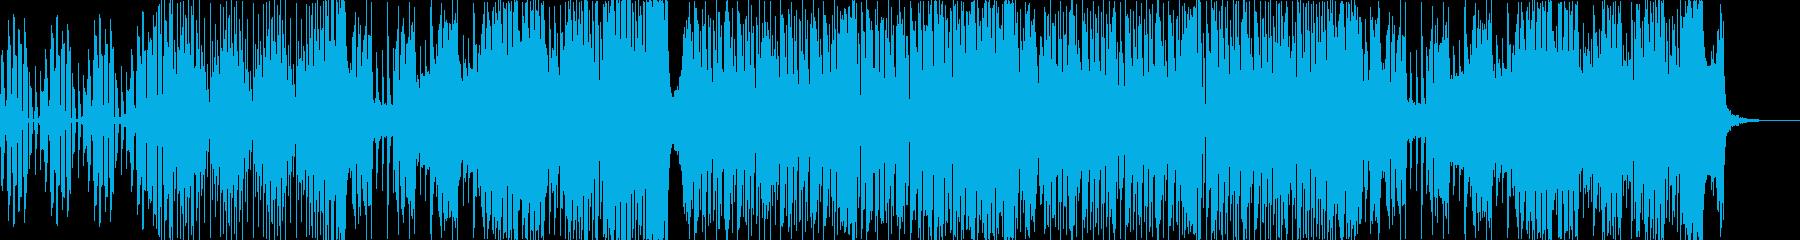 悪そうな感じのベースハウス(声ネタ無し)の再生済みの波形